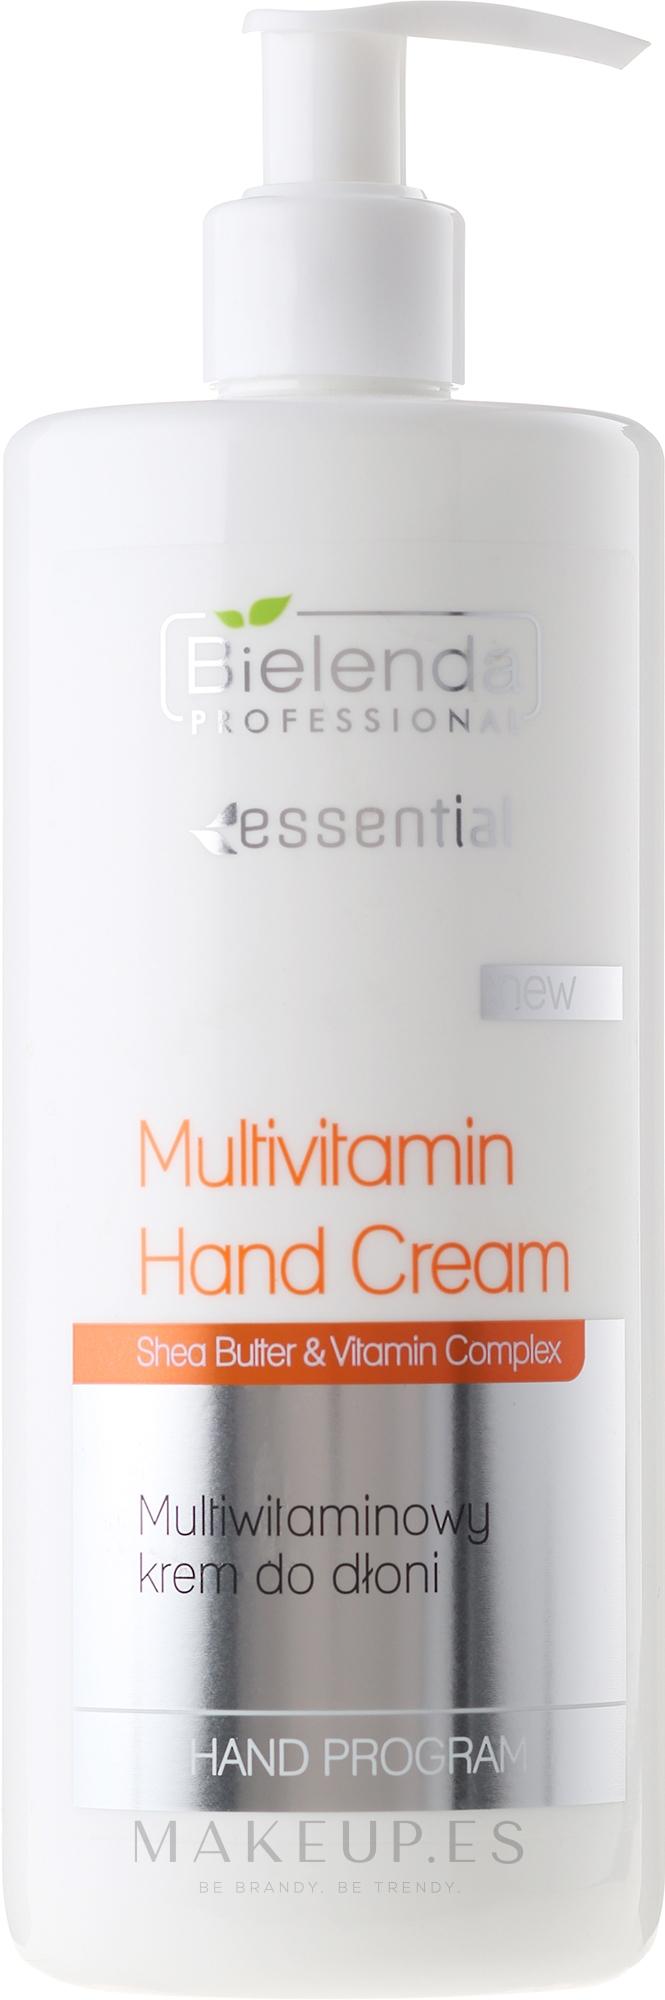 Crema de manos con manteca de karité y multivitaminas - Bielenda Professional Multivitamin Hand Cream — imagen 500 ml